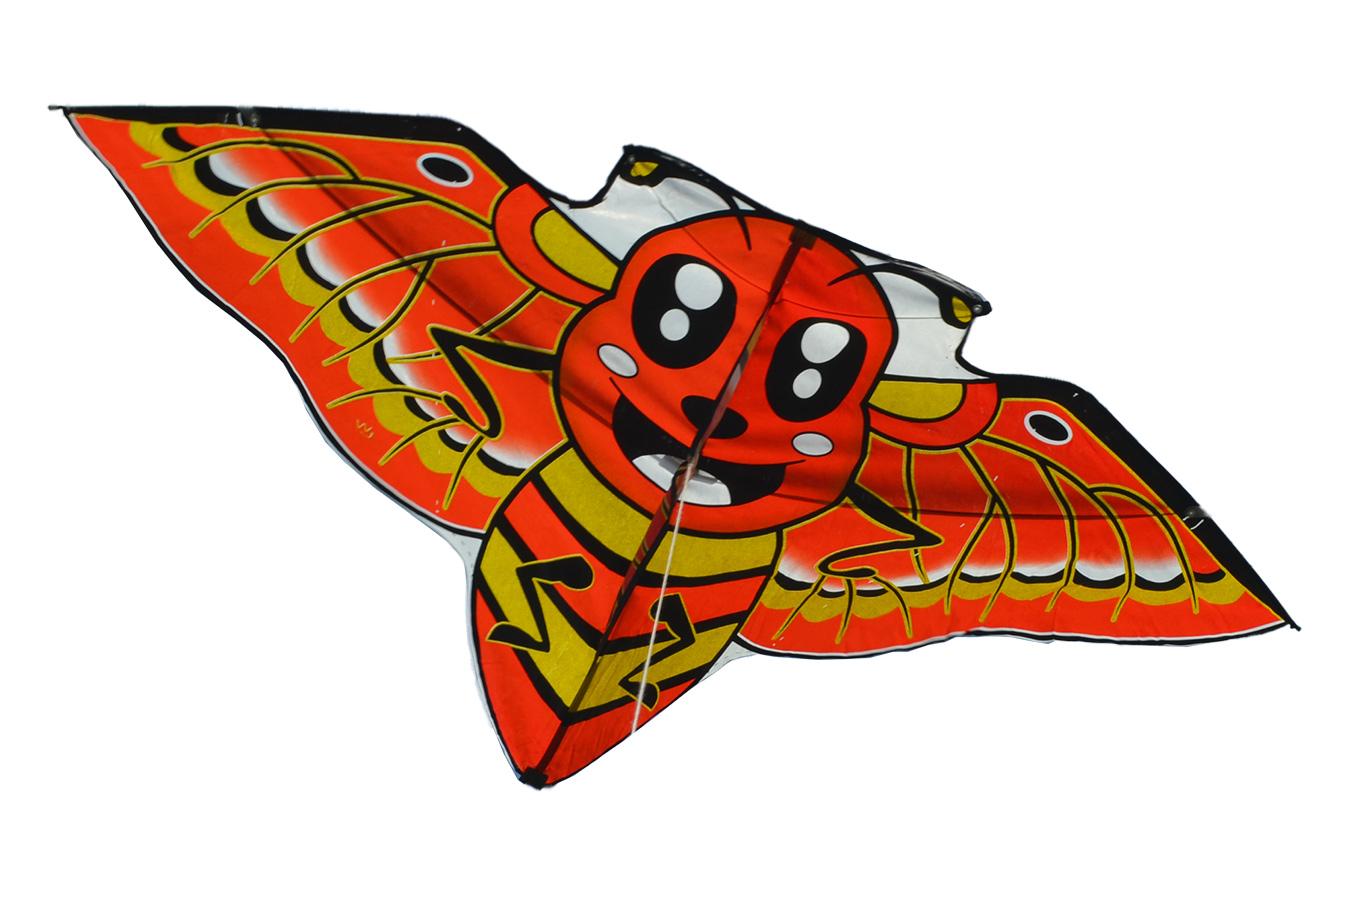 Японская пчела, воздушный змей [3949832]